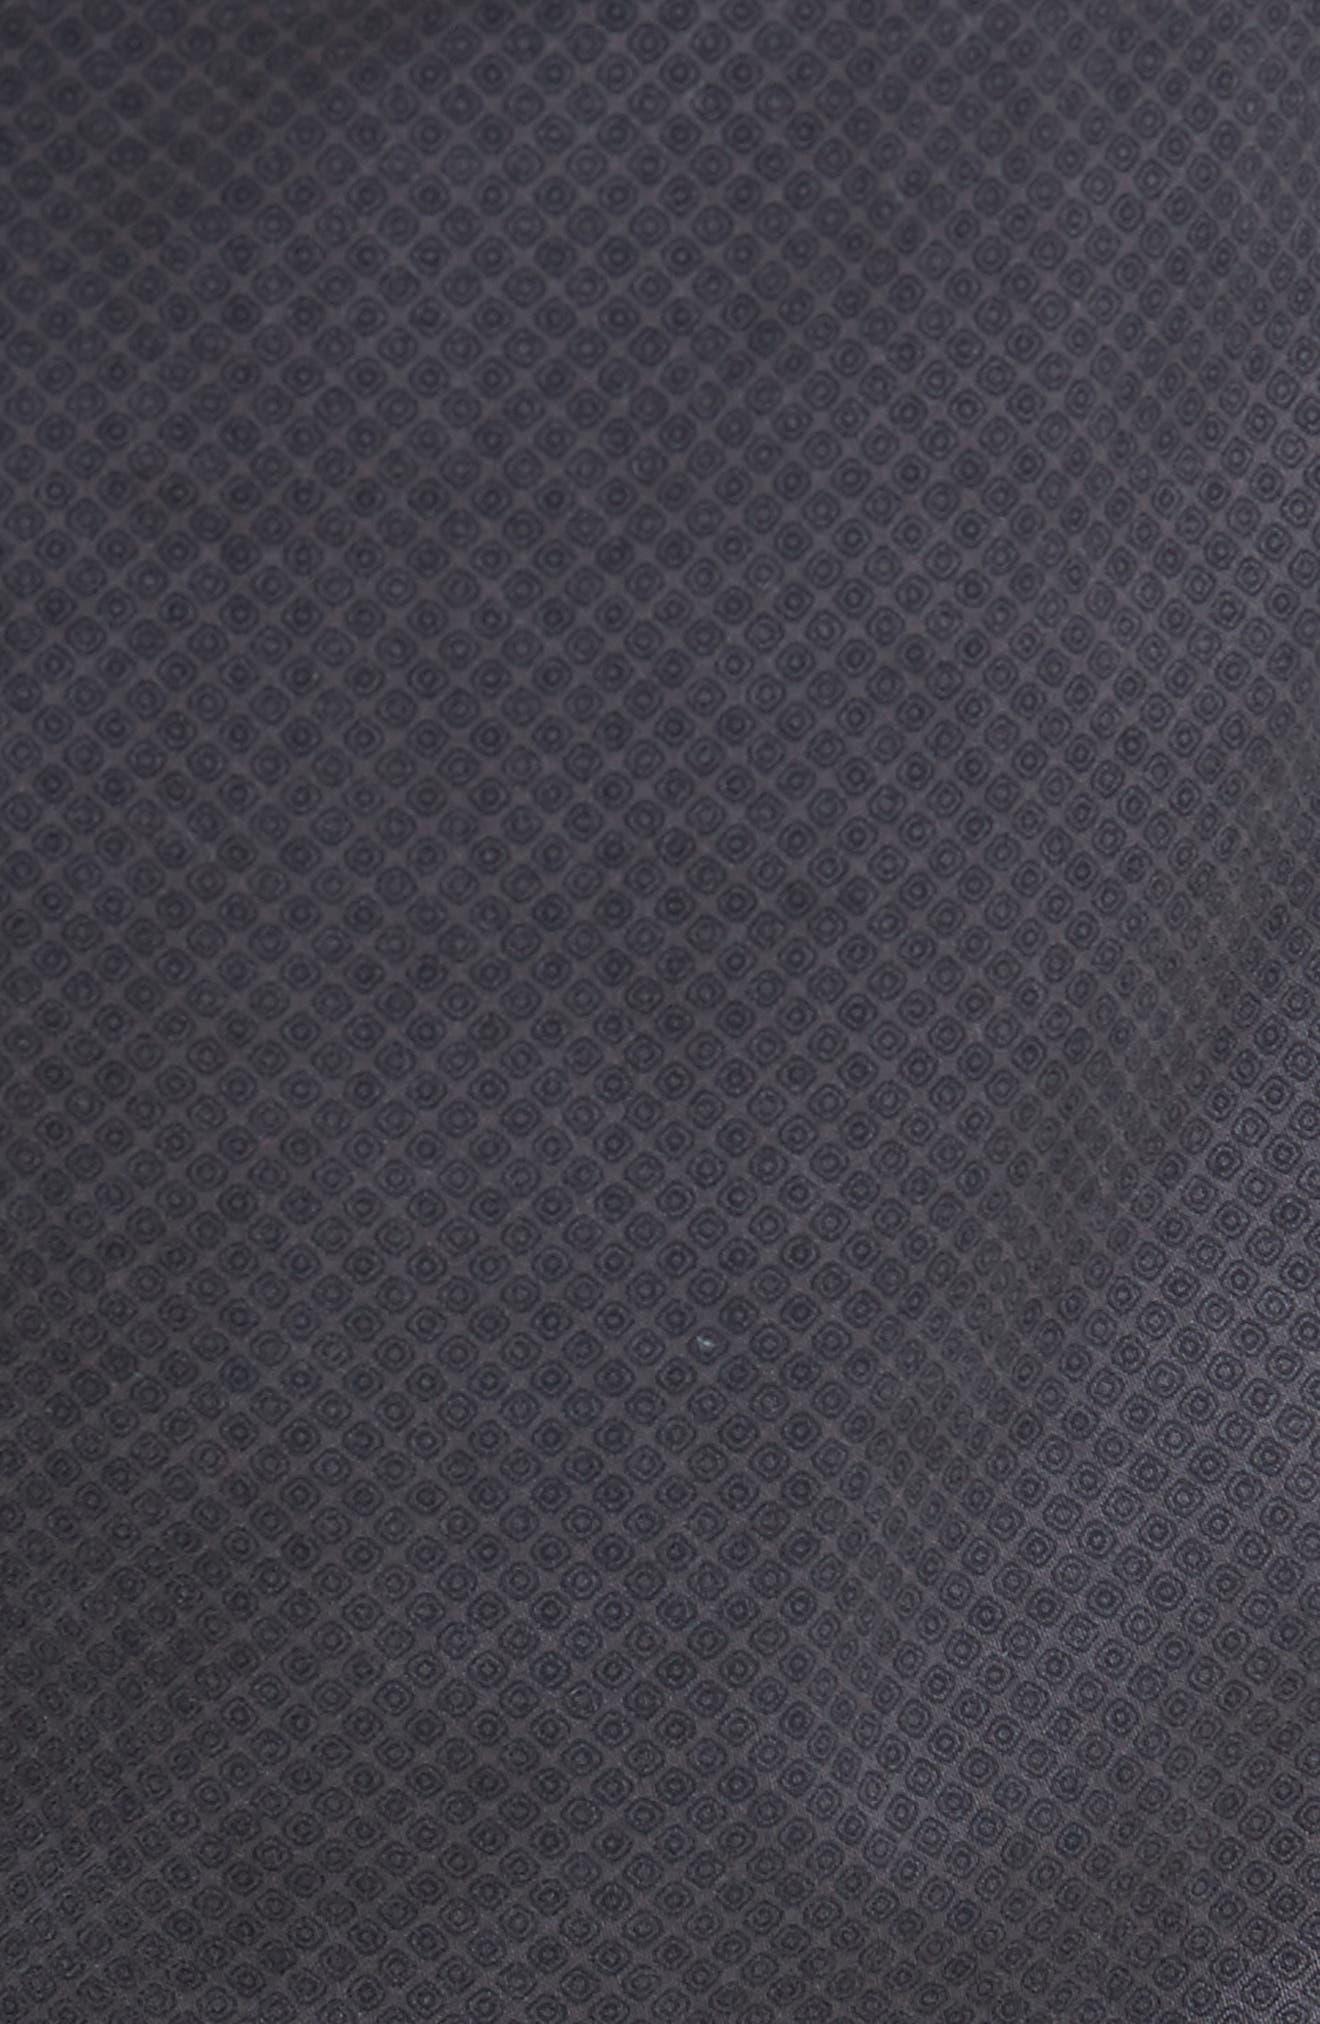 Delaware Slim Fit Pants,                             Alternate thumbnail 2, color,                             022